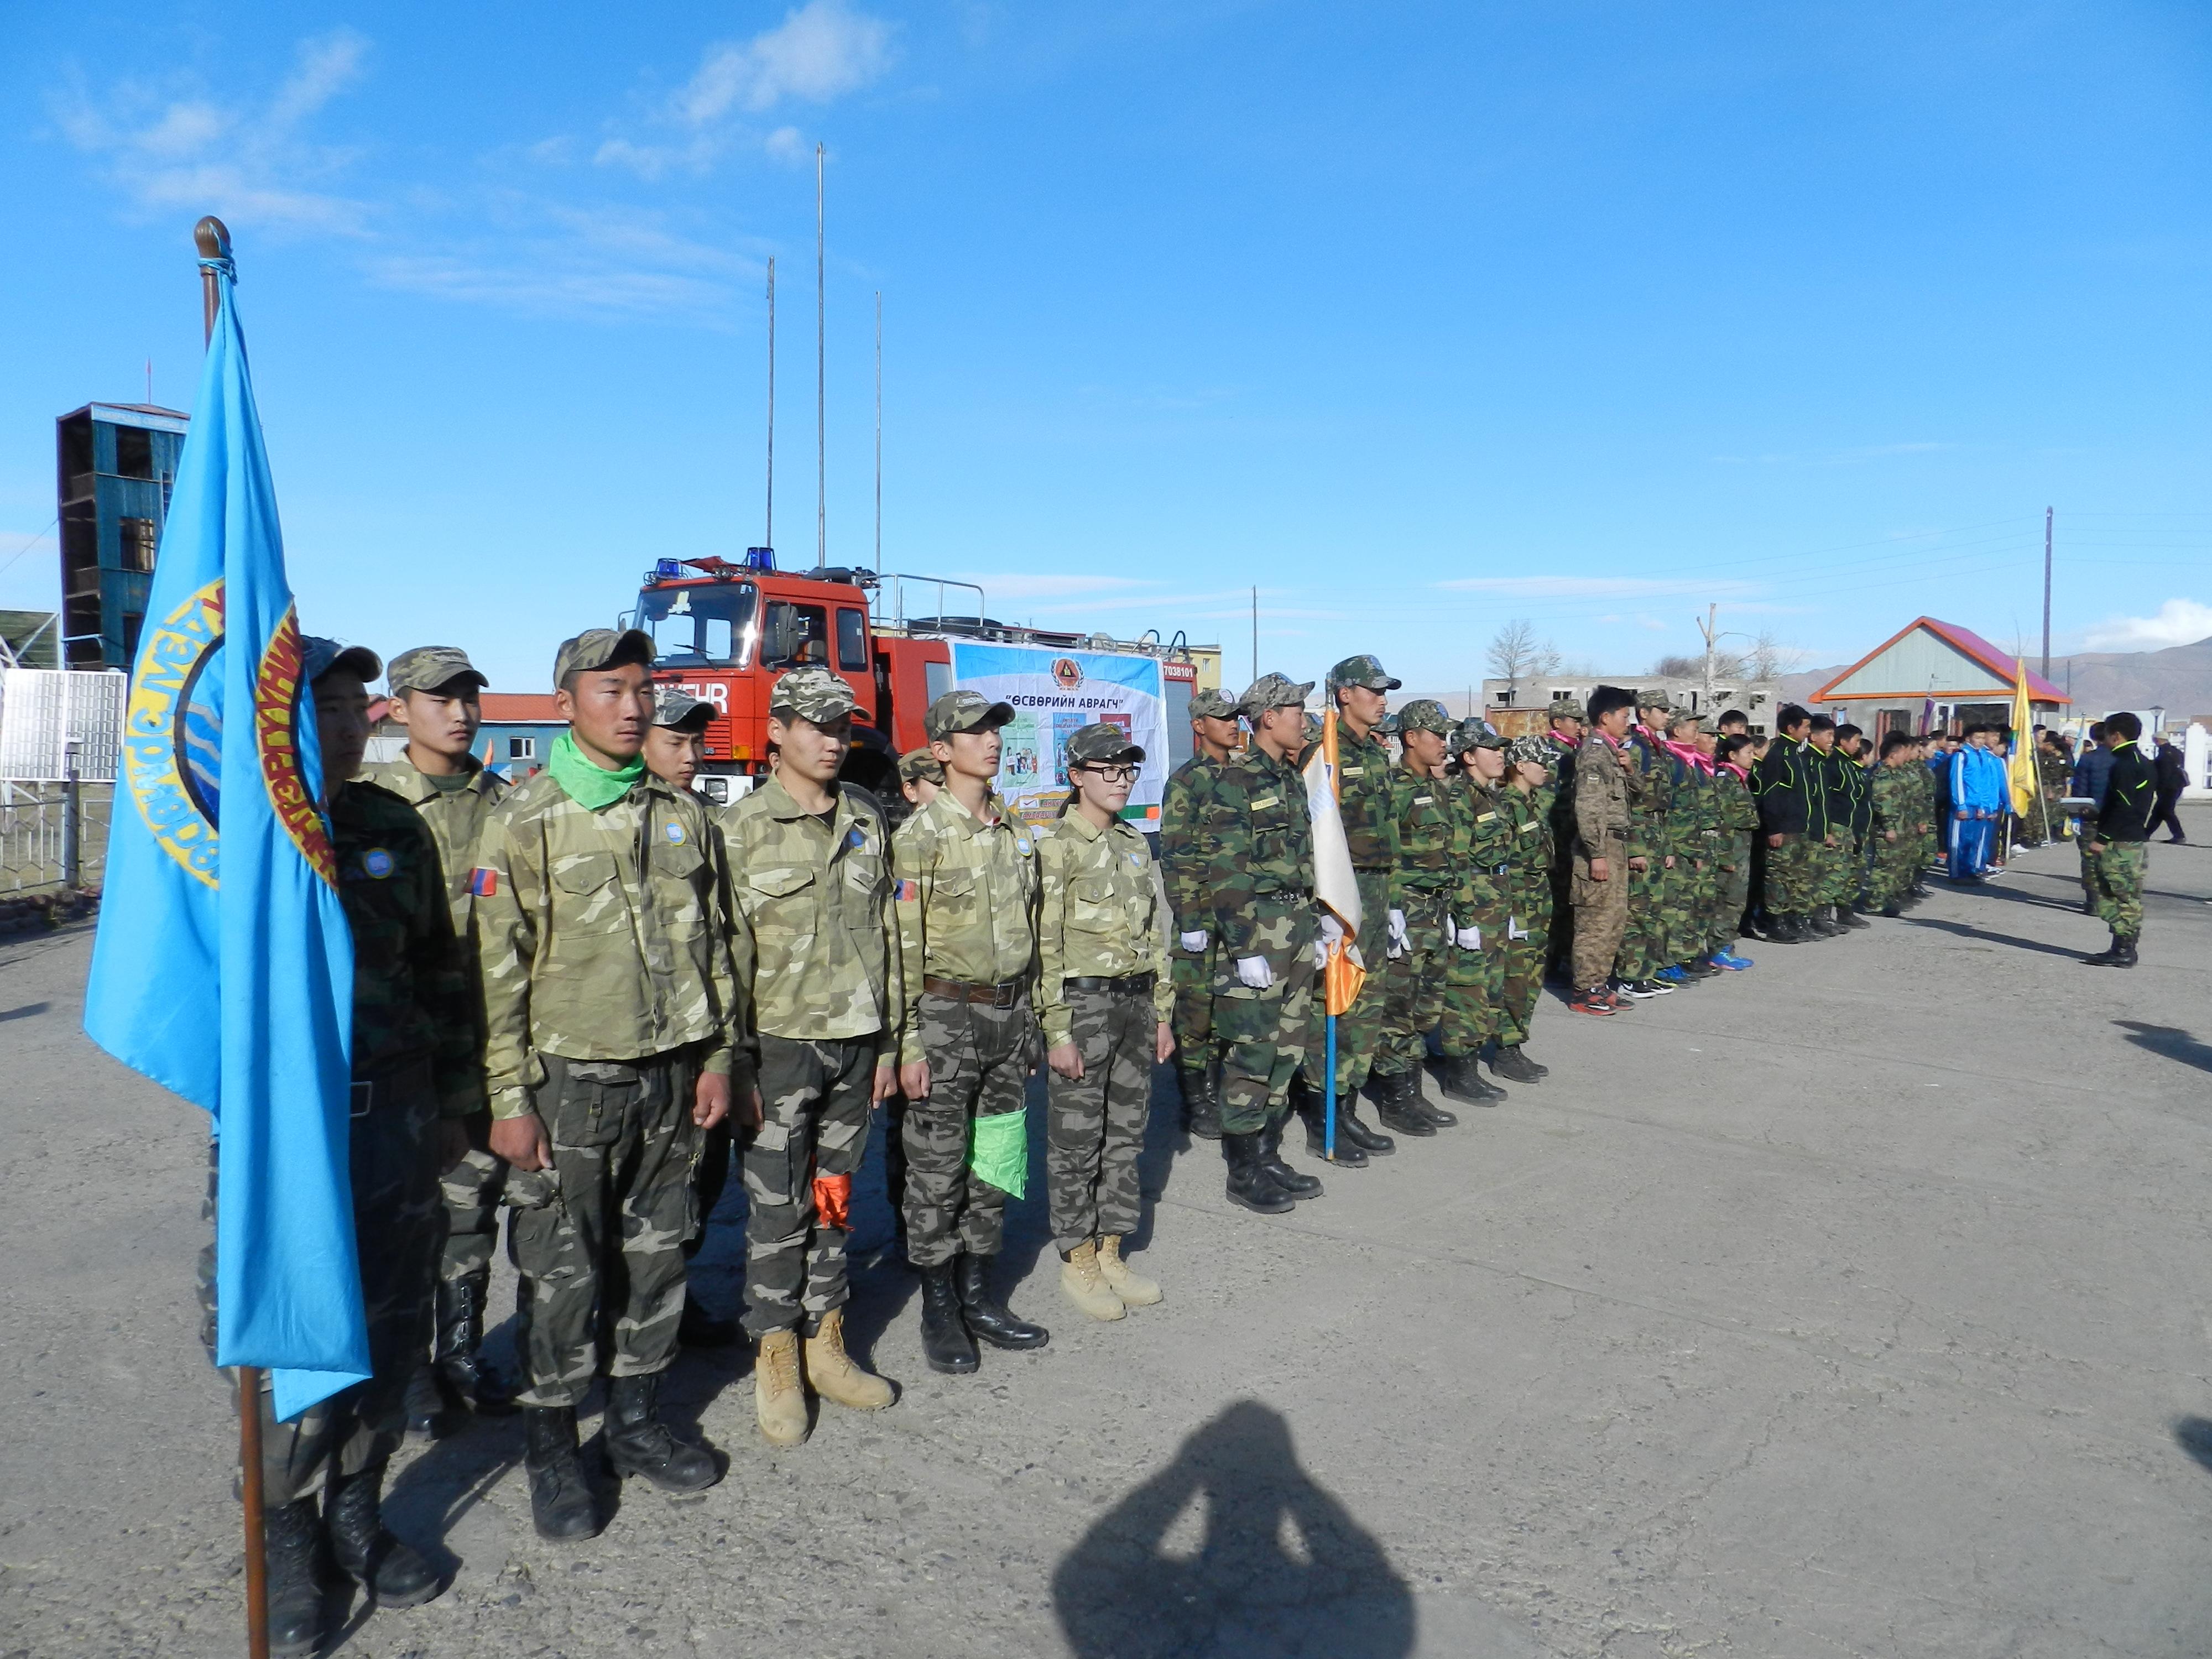 """Хөвсгөл аймгийн Мөрөн сумын ЕБС-иудын дунд """"Өсвөрийн аврагч"""" тэмцээн зохион байгууллаа."""